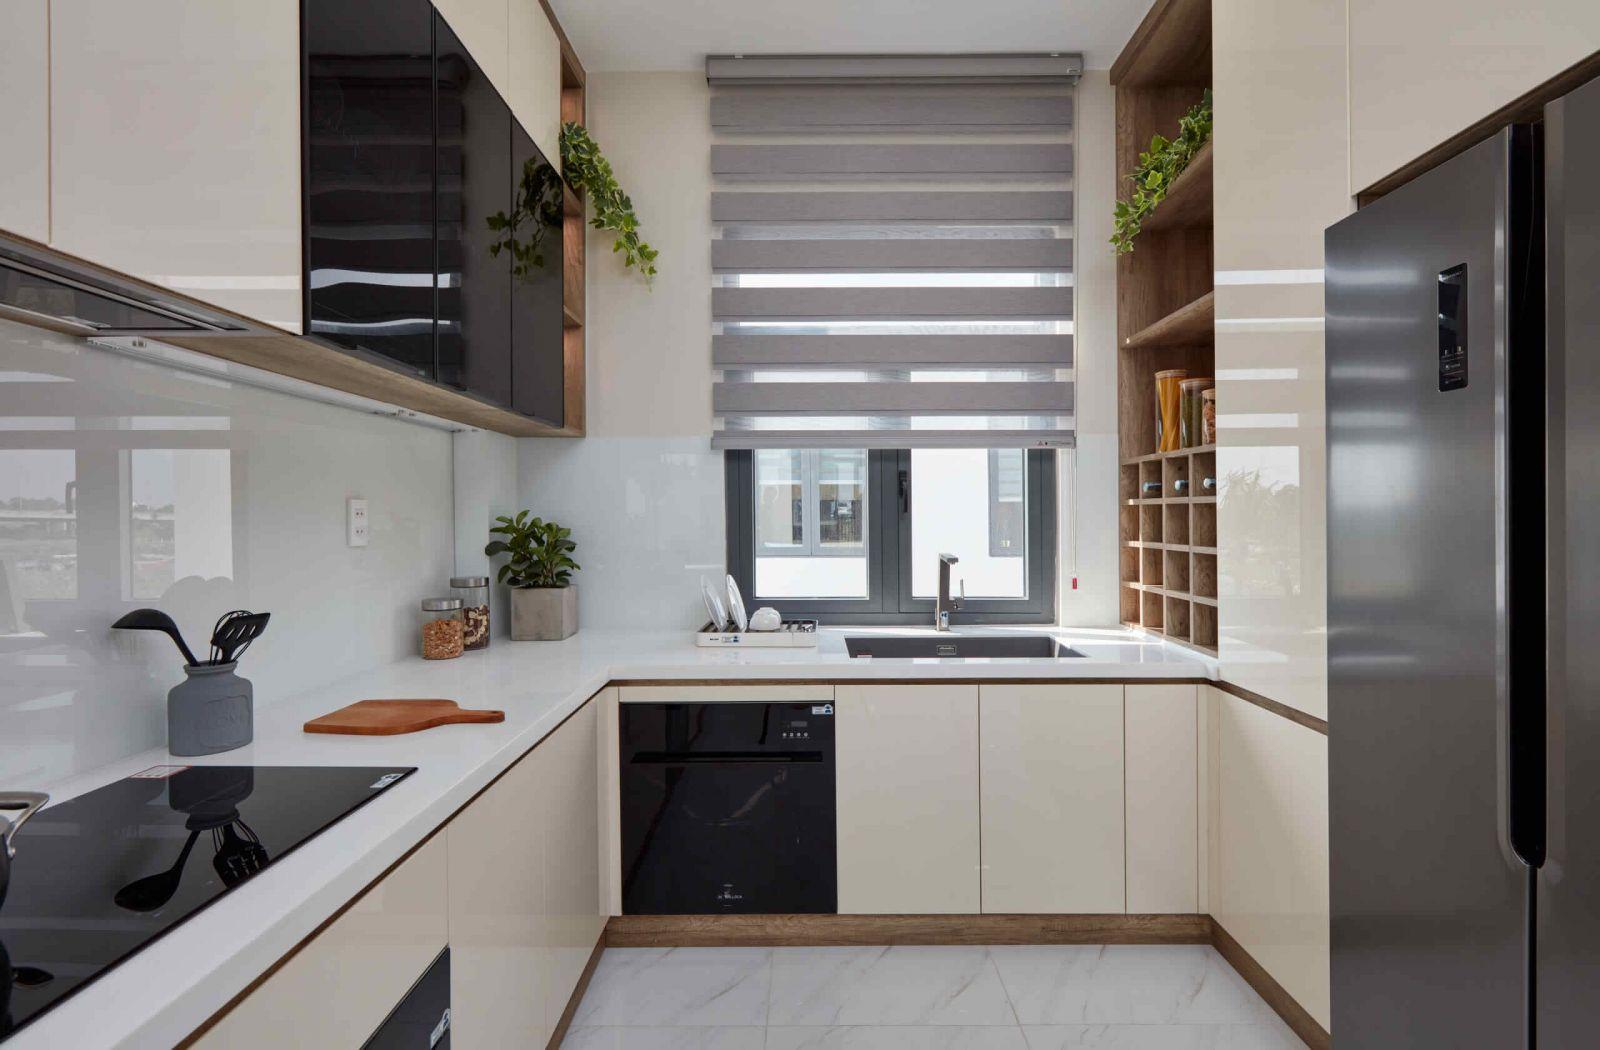 Tủ Bếp Gỗ Hiện Đại Giá Rẻ Thủ Đức